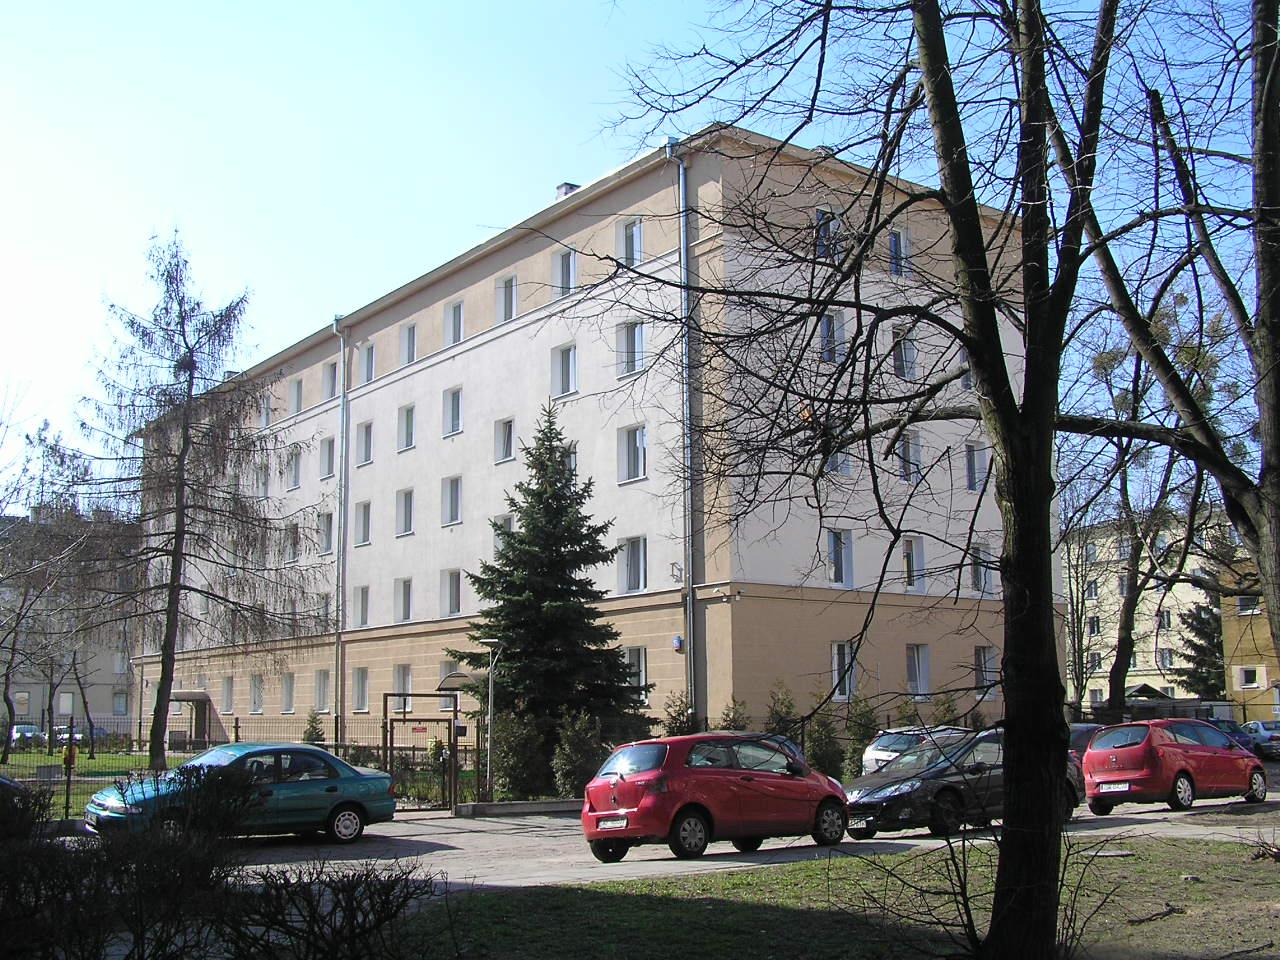 Budynek przy ulicy Siennickiej 19A na Grochowie